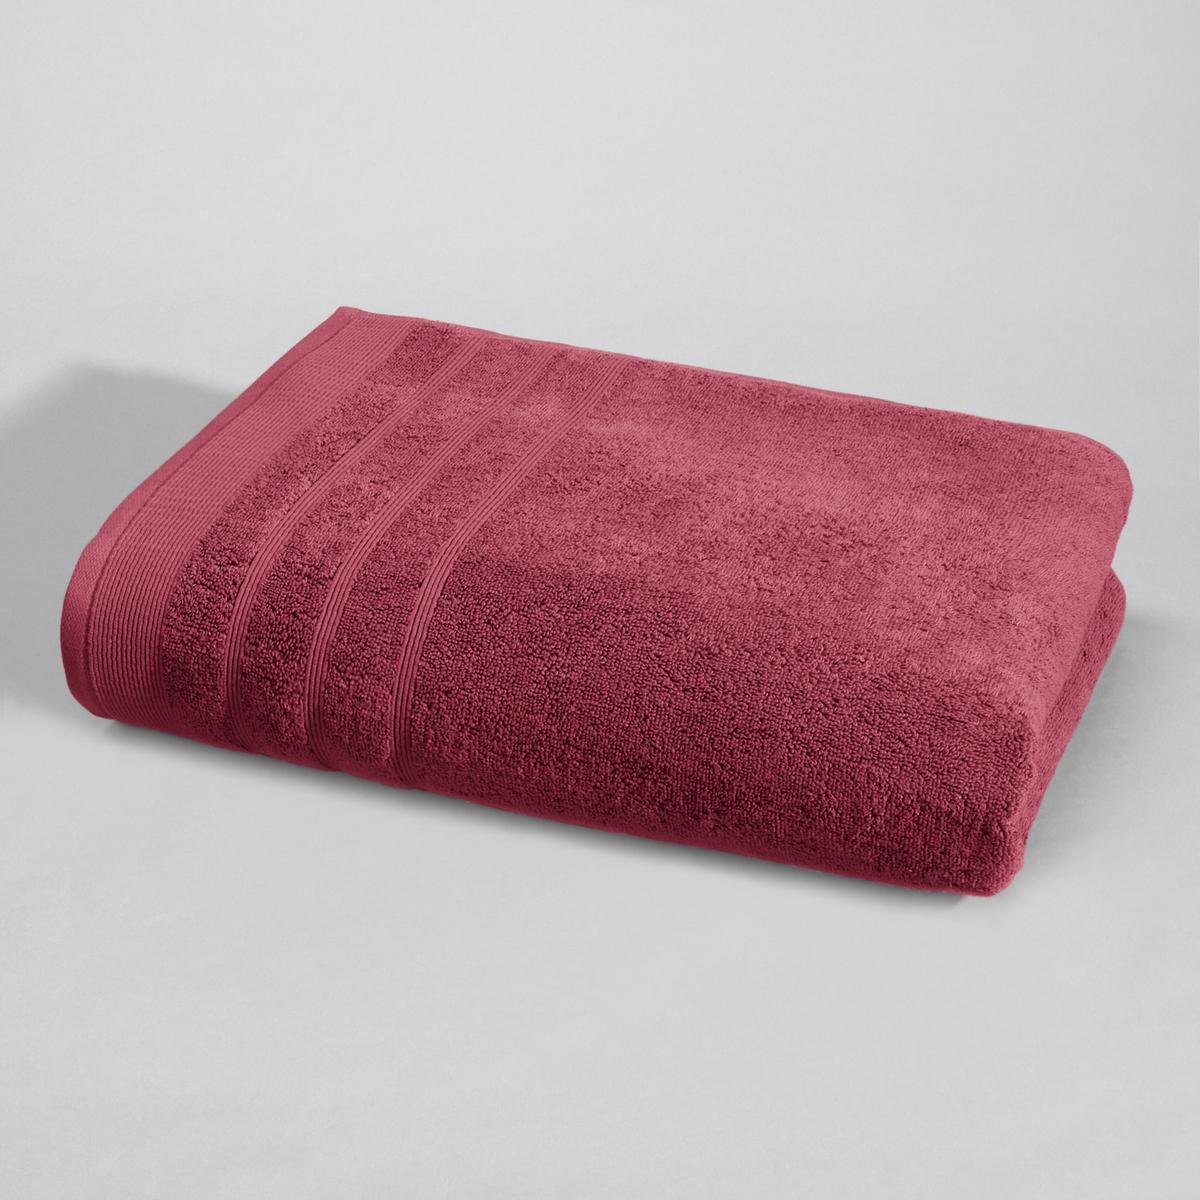 Полотенце La Redoute Банное гм Качество Best 70 x 140 см красный